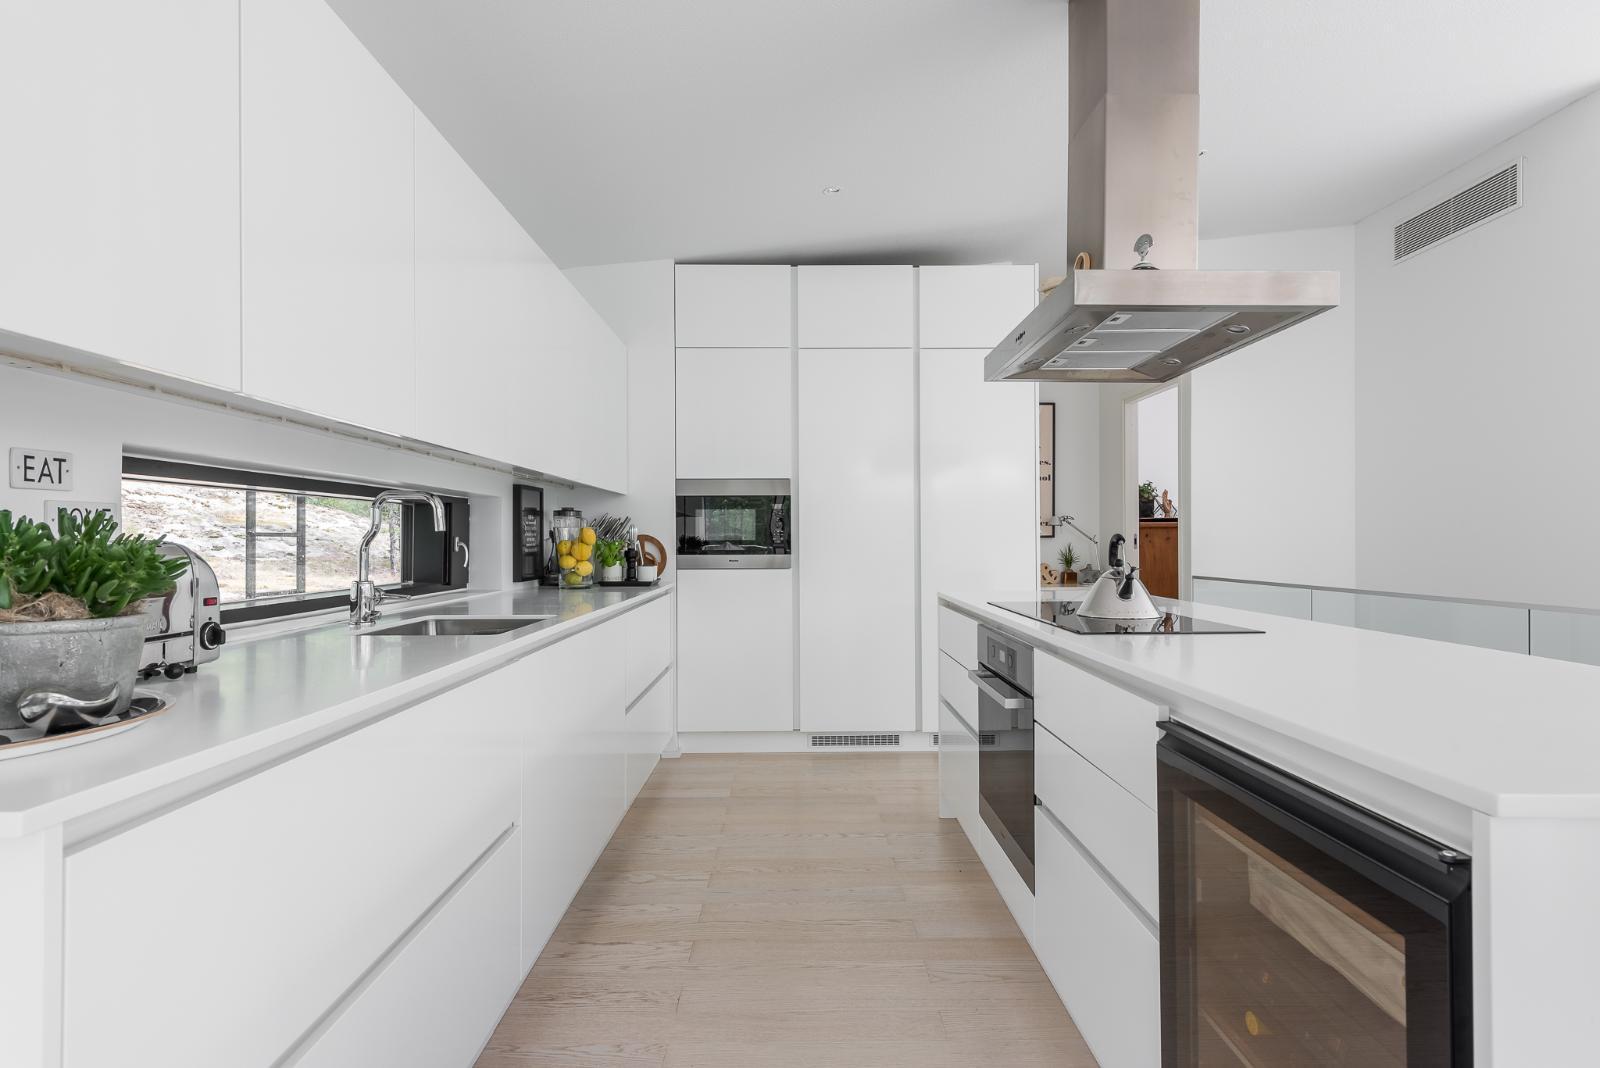 Valkoinen ja puhdaslinjainen keittiö  Etuovi com Ideat